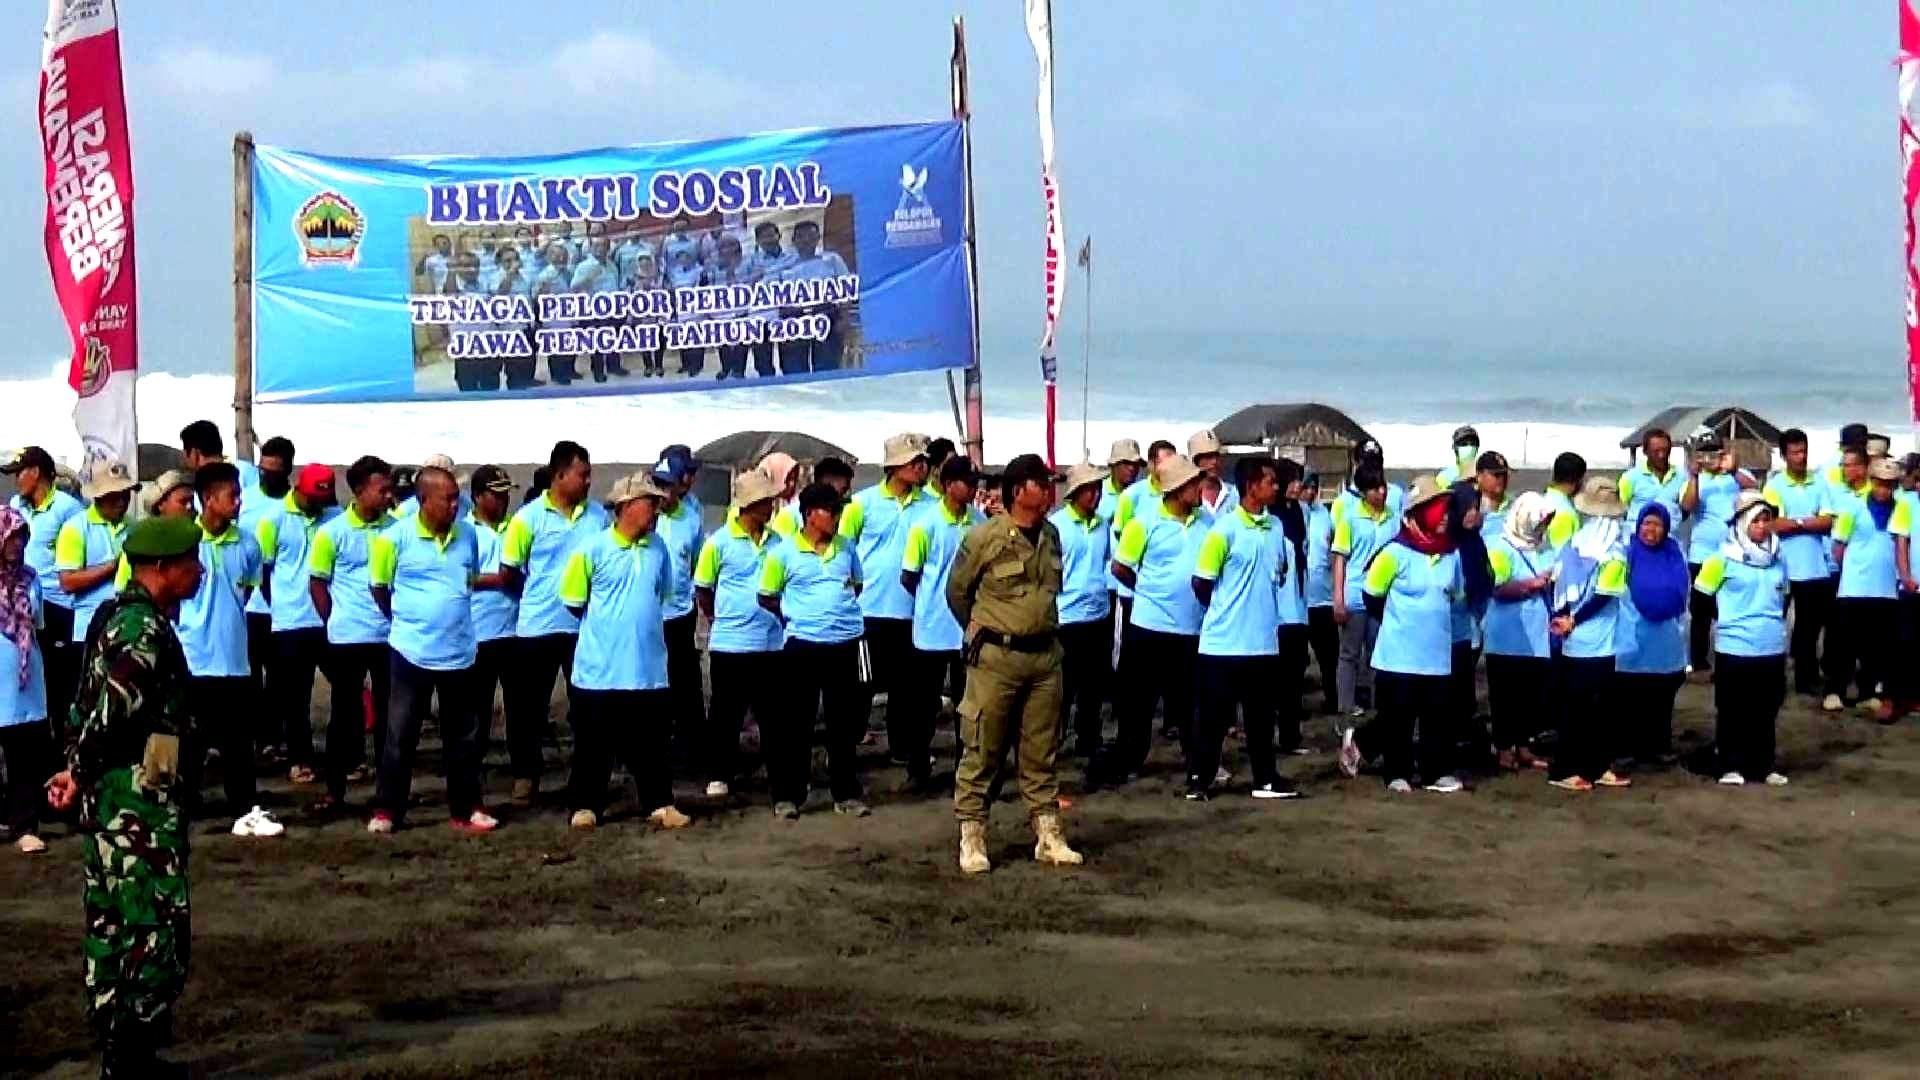 Apel Pagi Bersama Tenaga Pelopor Perdamaian Provinsi Jawa Tengah di Pantai Indah Ketawang